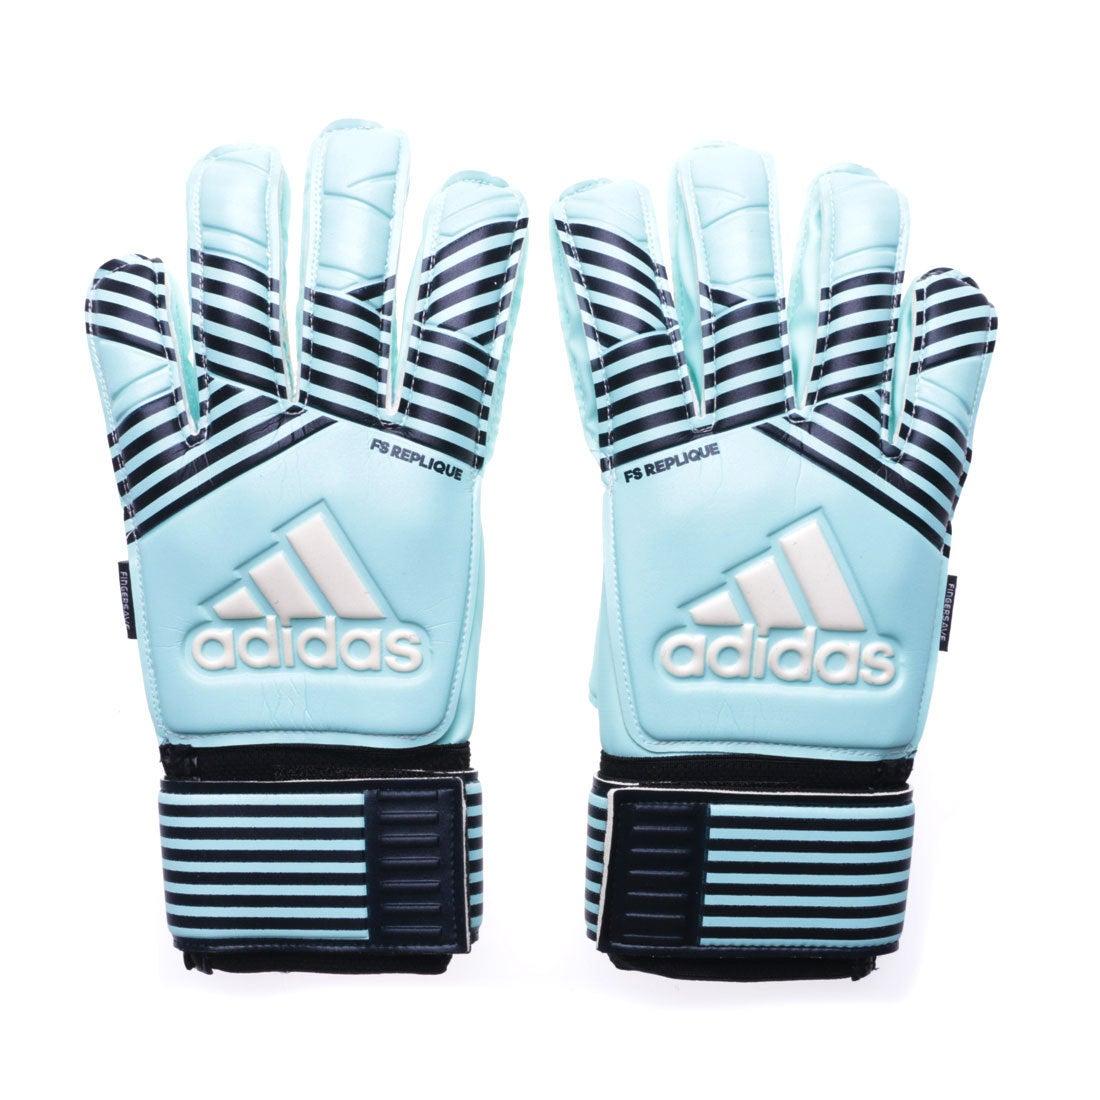 【SALE 30%OFF】アディダス adidas ユニセックス サッカー/フットサル キーパーグローブ エース フィンガーセーブ レプリカ BS1489